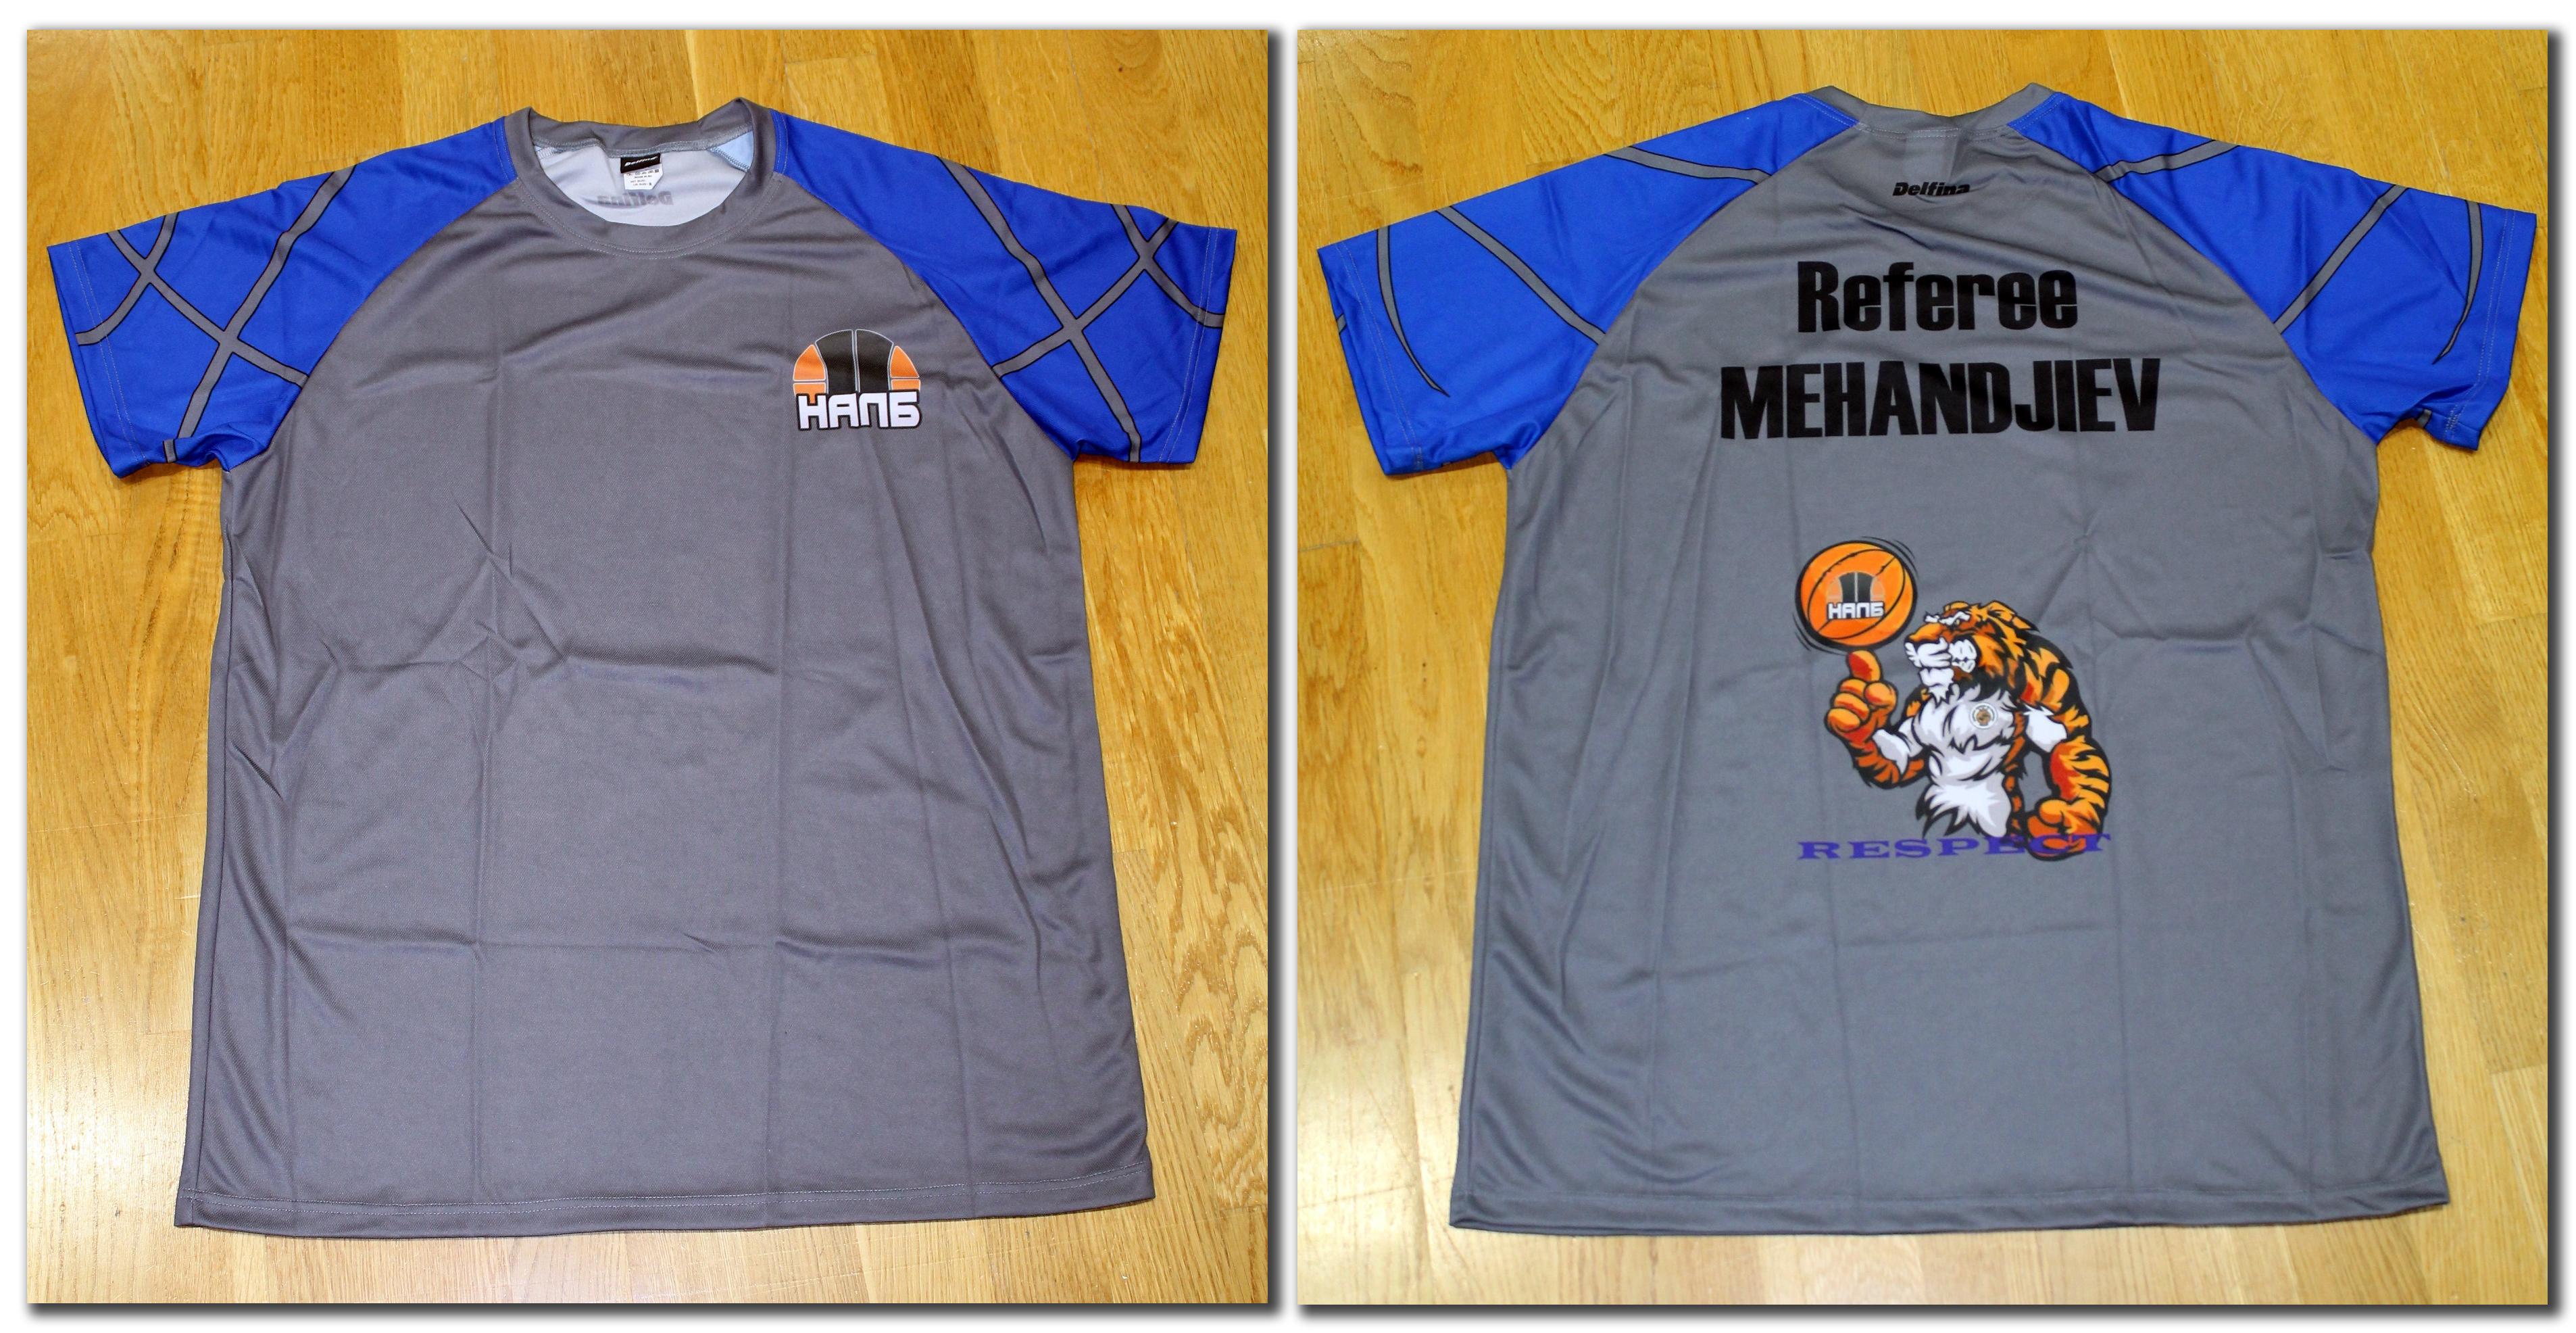 """Персонализирана тъмносива тениска (без надписа """"Referee"""" и без картинката на гърба) – 23.00 лева*"""